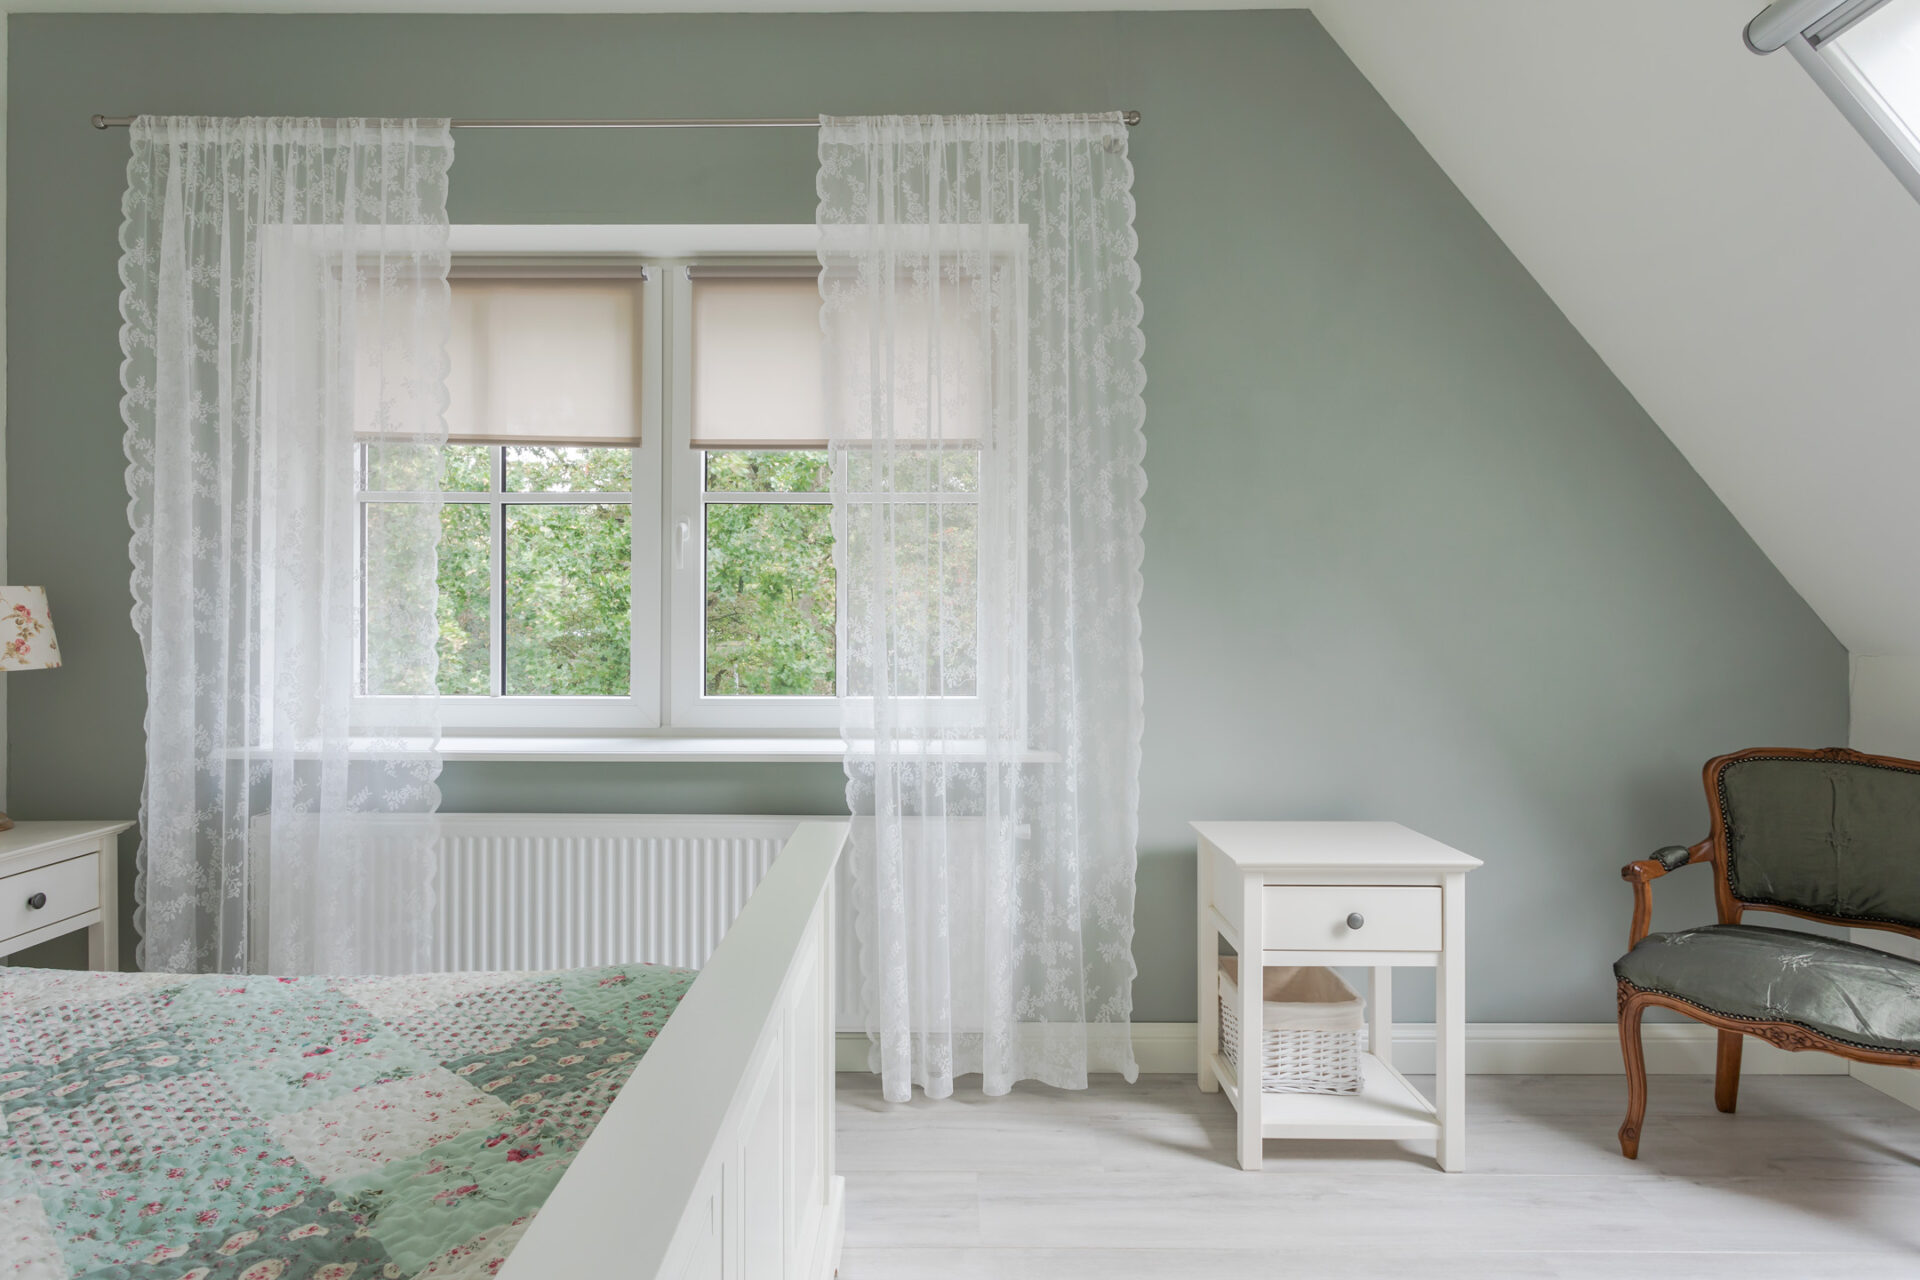 Select Windows kunststof kozijnen - kunststof kozijnen Bergen - kunststof ramen slaapkamer